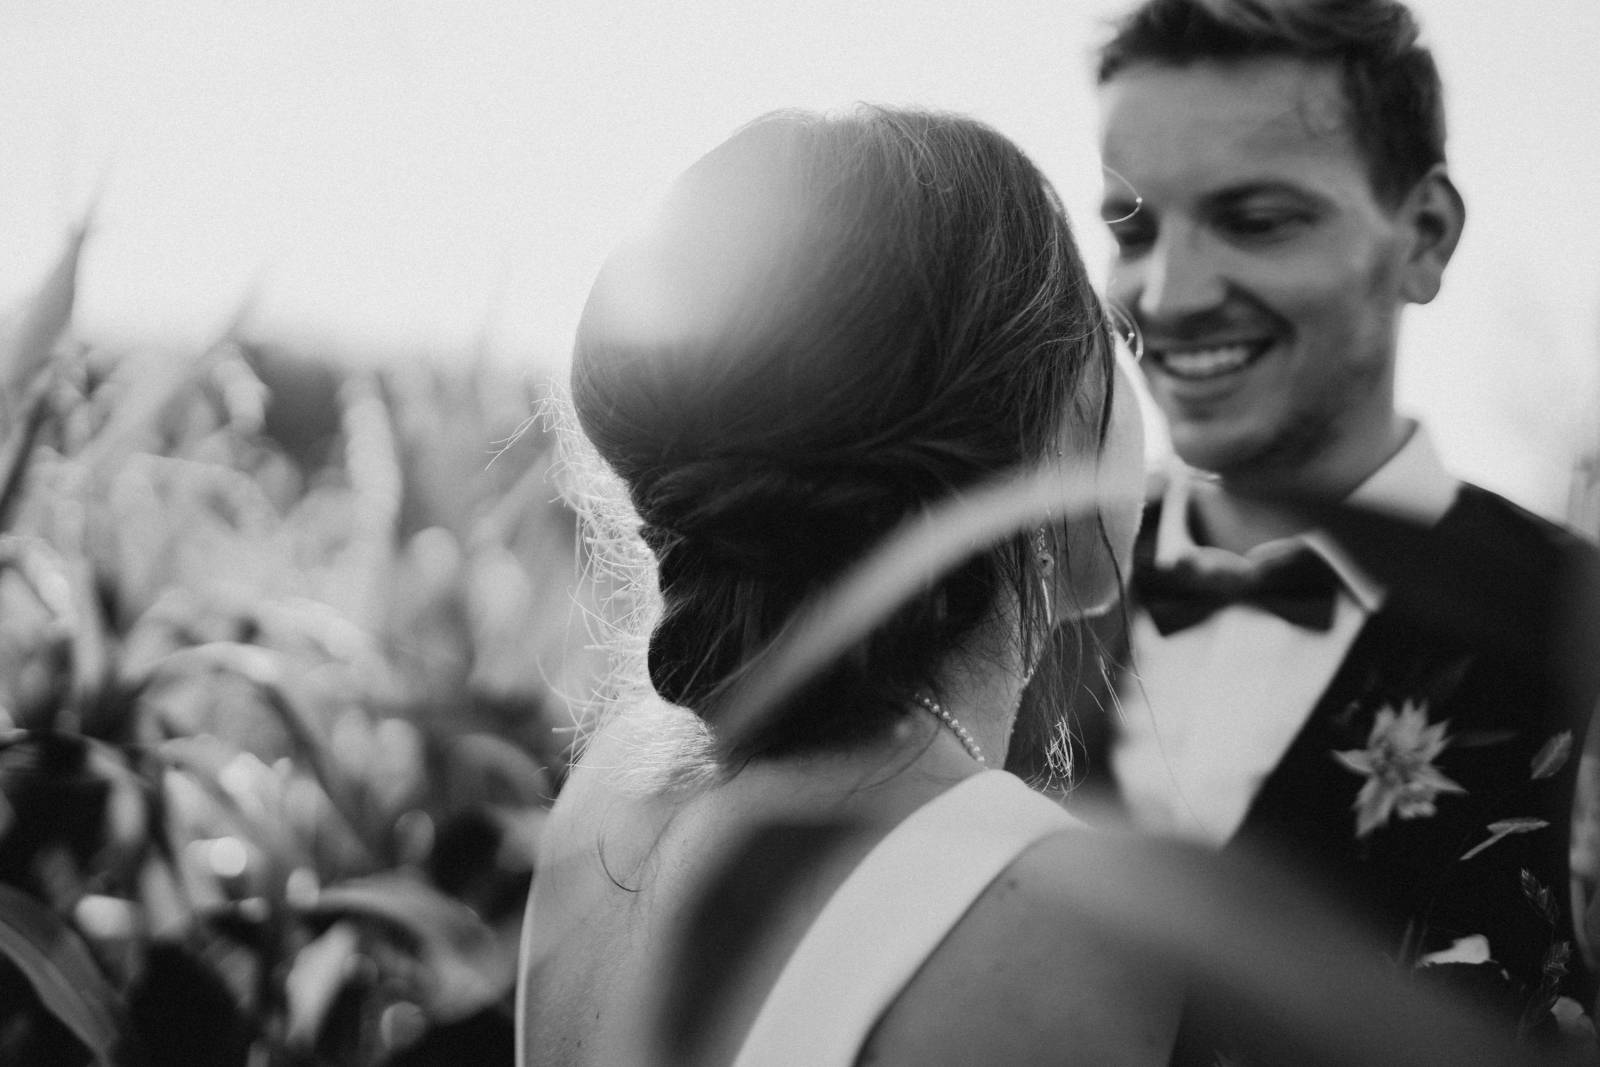 Frankie and Fish - Trouwfotograaf - Huwelijksfotograaf - Bruidsfotograaf - House of Weddings - 28